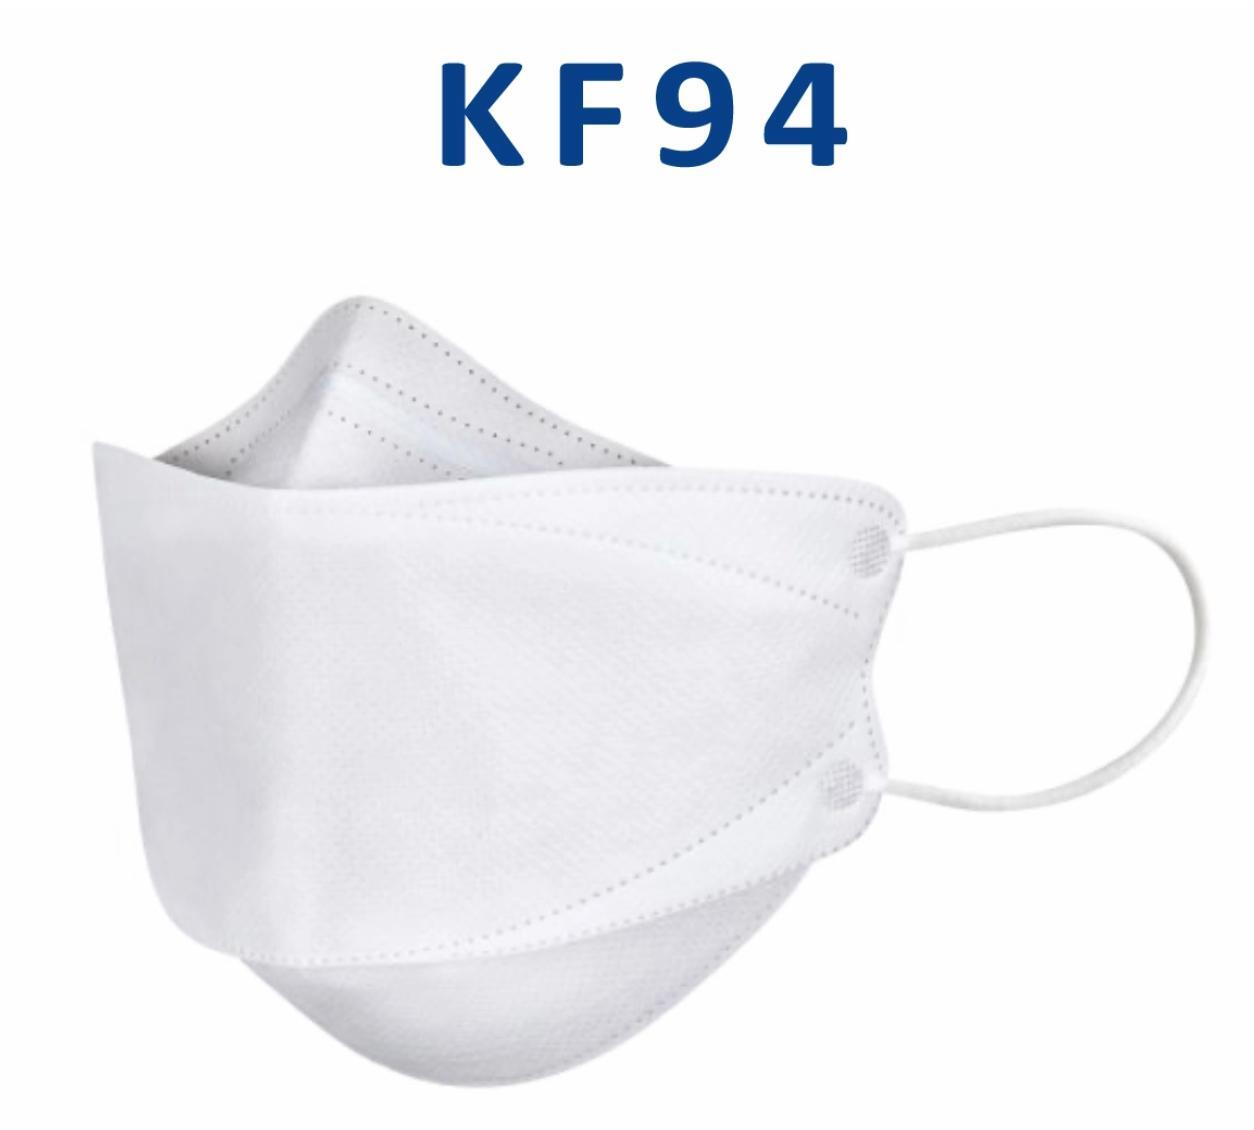 Em estoque! Versão Coreana da máscara KF94 para a prova de poeira adulta e respirável Proteção KN95 Face Masks Embalagem independente em forma de salgueiro